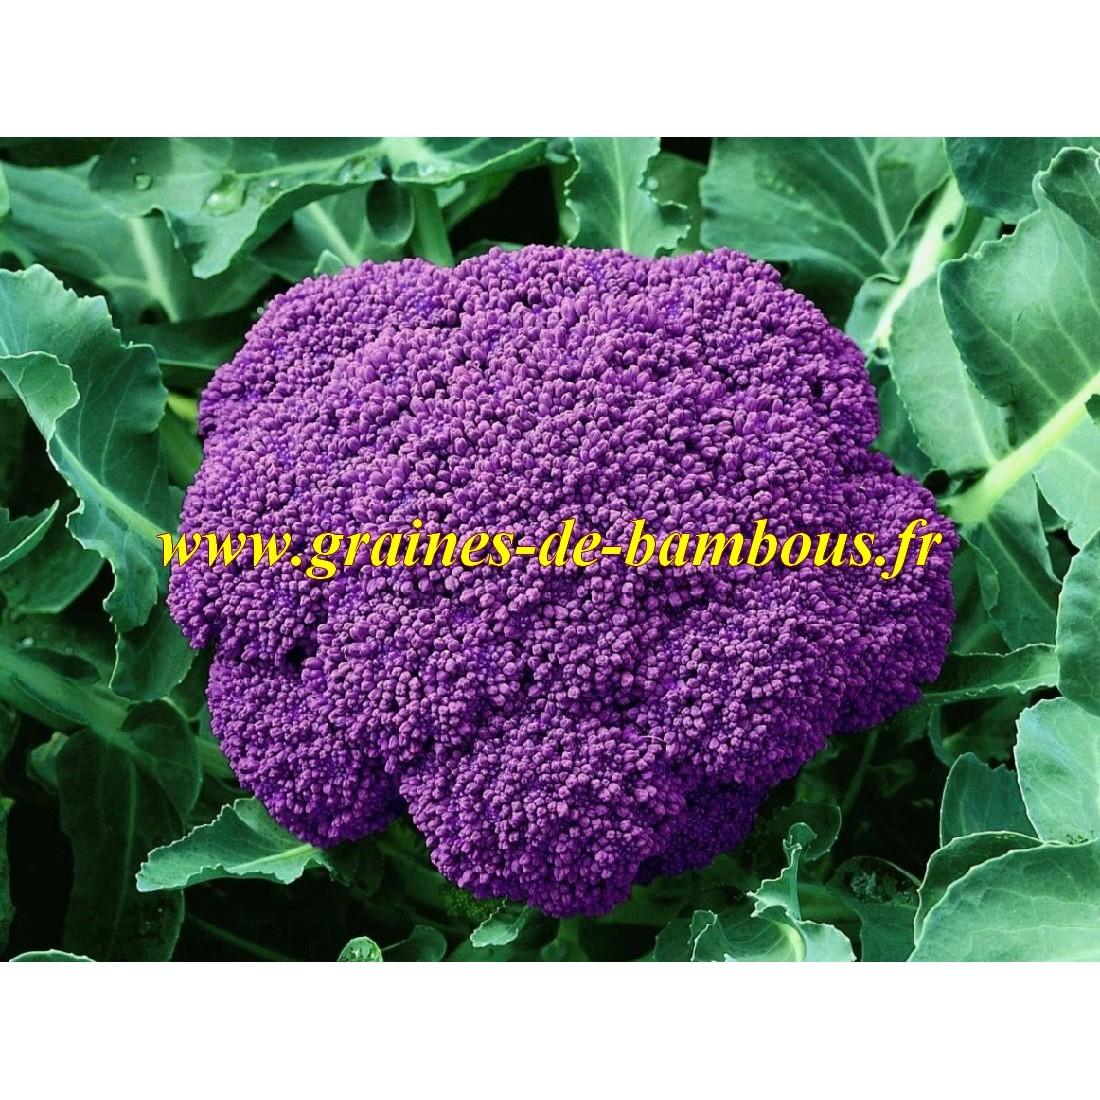 Violet de sicile semences de chou fleur